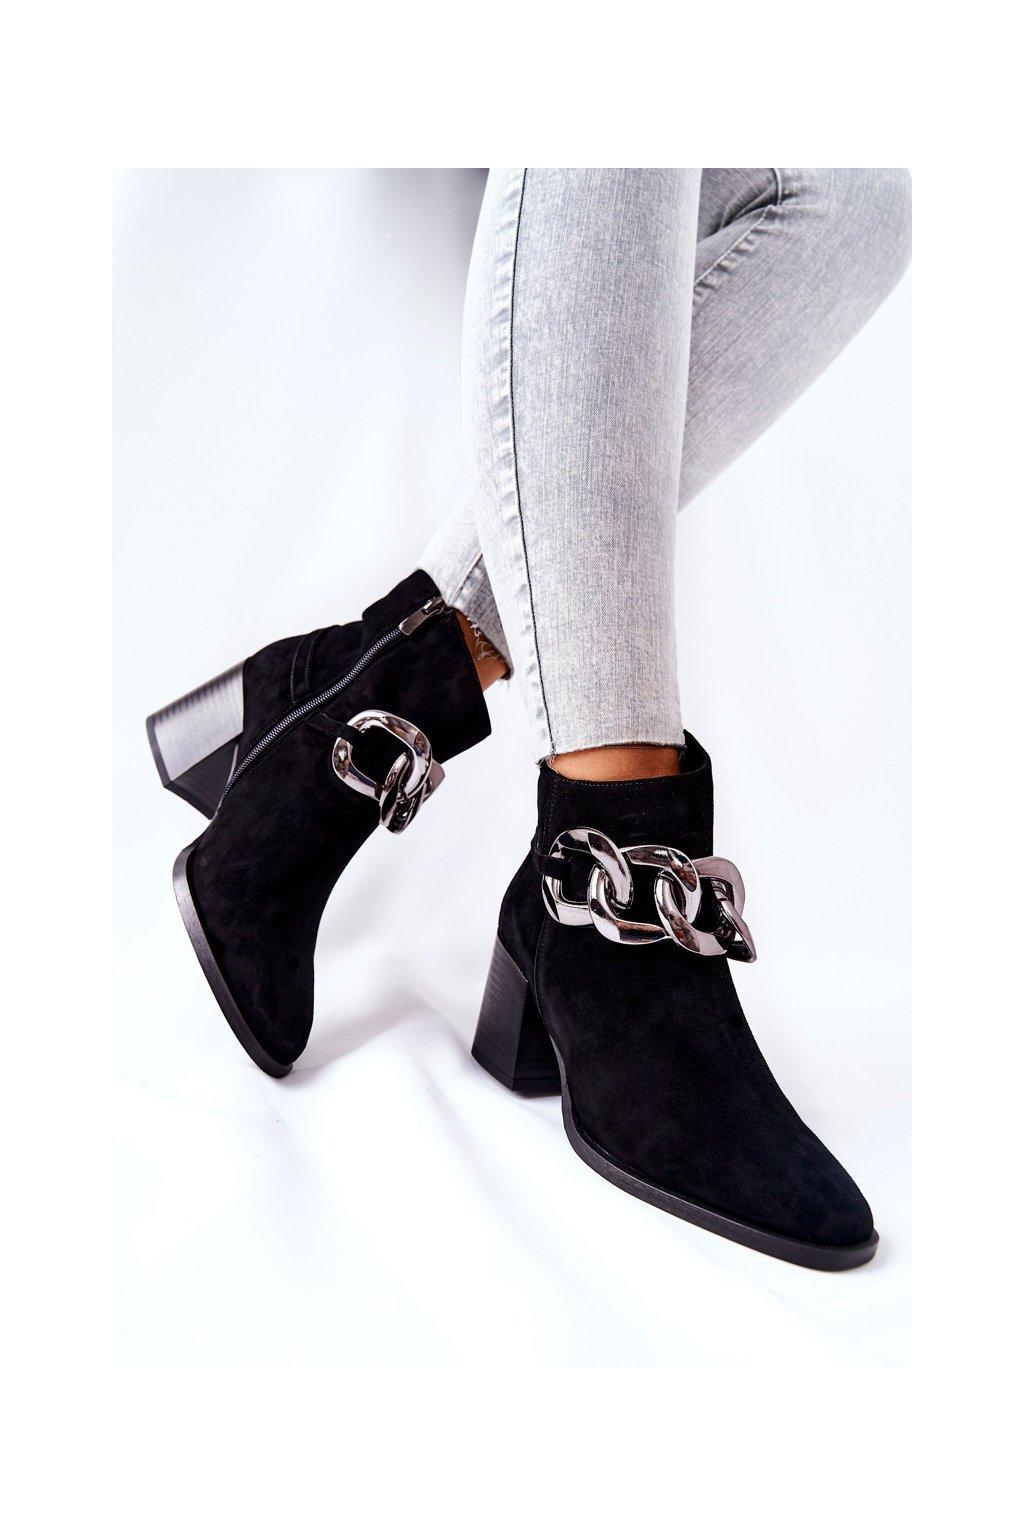 Členkové topánky na podpätku farba čierna kód obuvi 2345 300 BLK